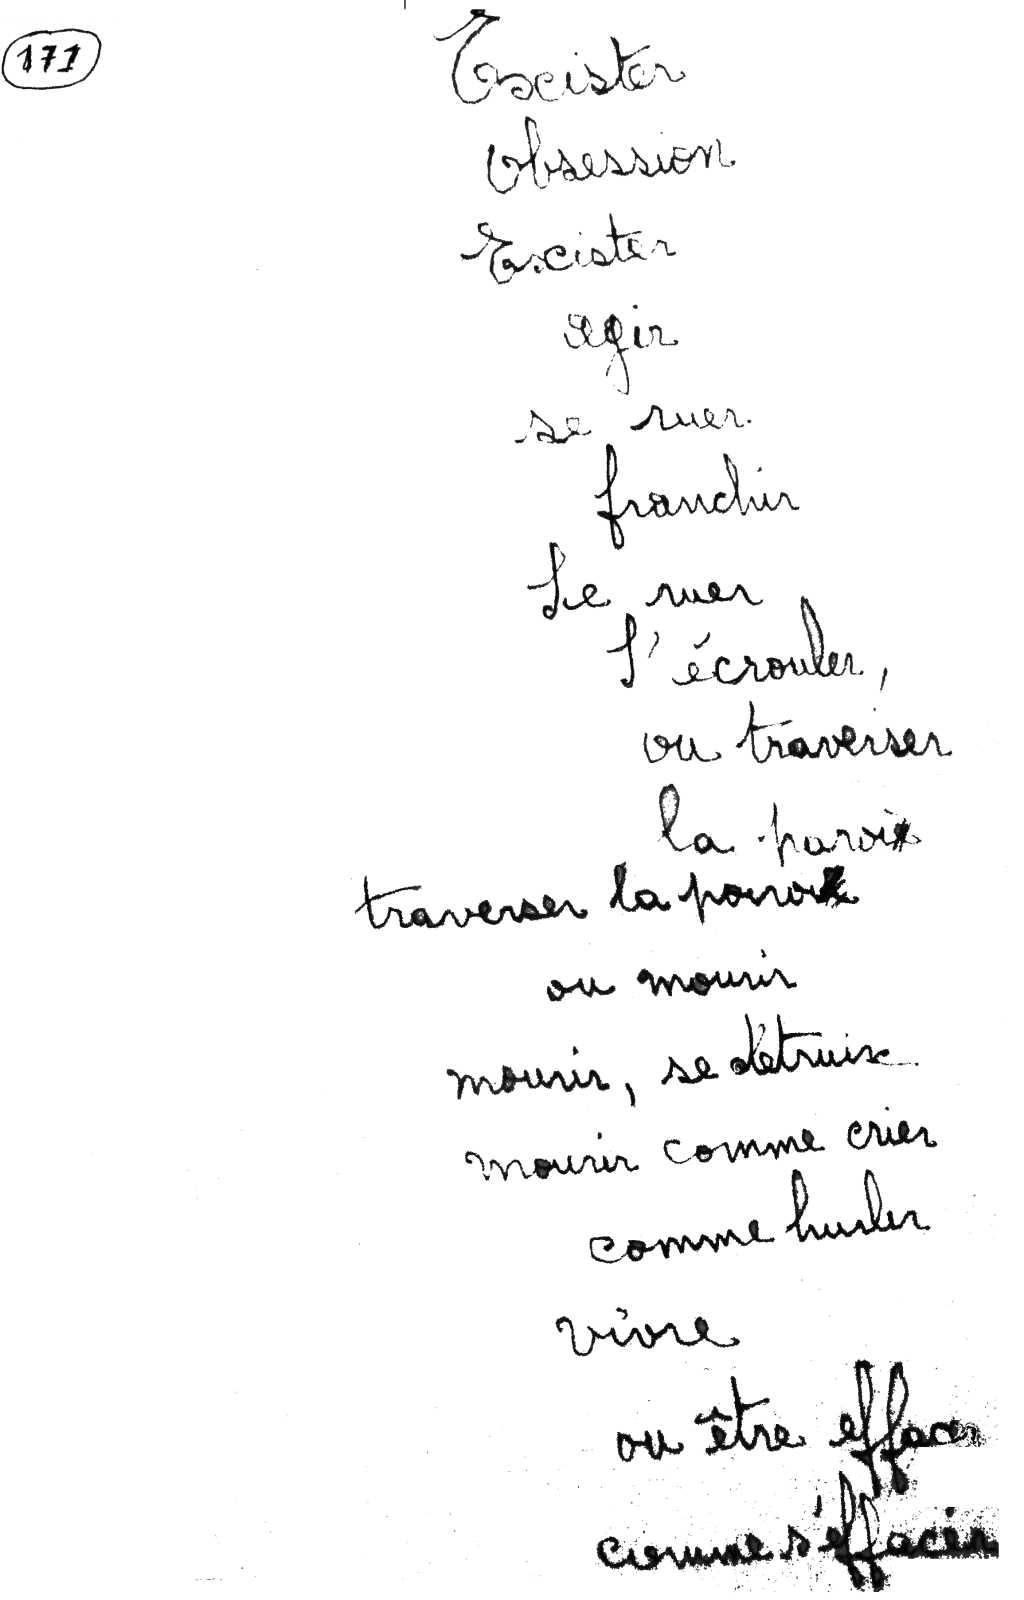 manuscrit du poème 2867